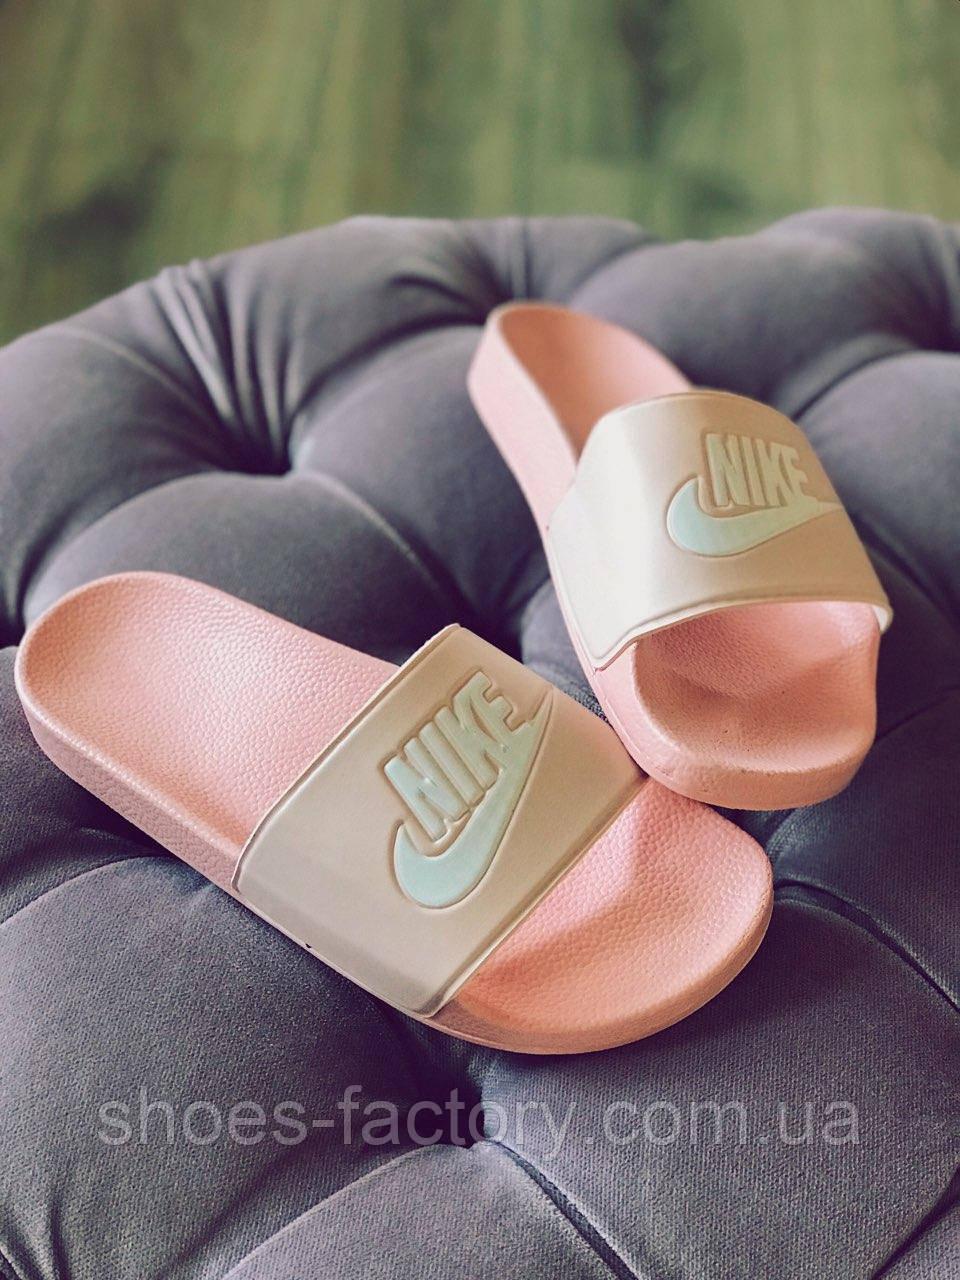 06bc06859 Женские шлепки, сланцы в стиле Nike Benassi - Интернет магазин спортивной обуви  Shoes-Factory